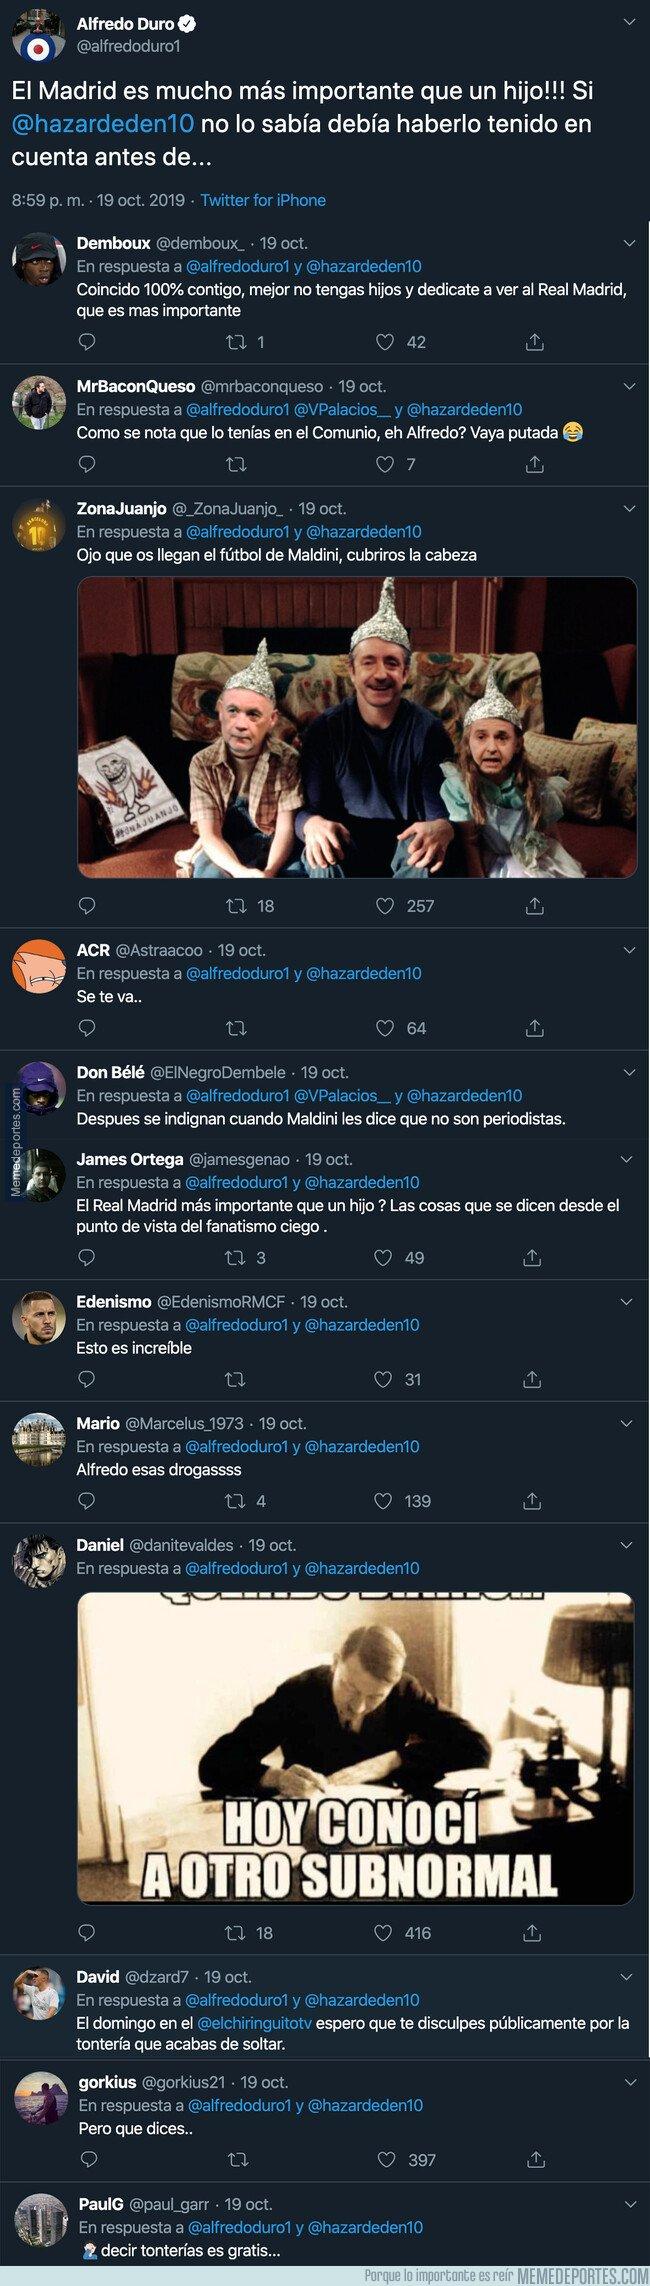 1088917 - Indignación total por esto que dijo Alfredo Duro sobre Hazard después de tener un hijo y perderse el partido del Real Madrid